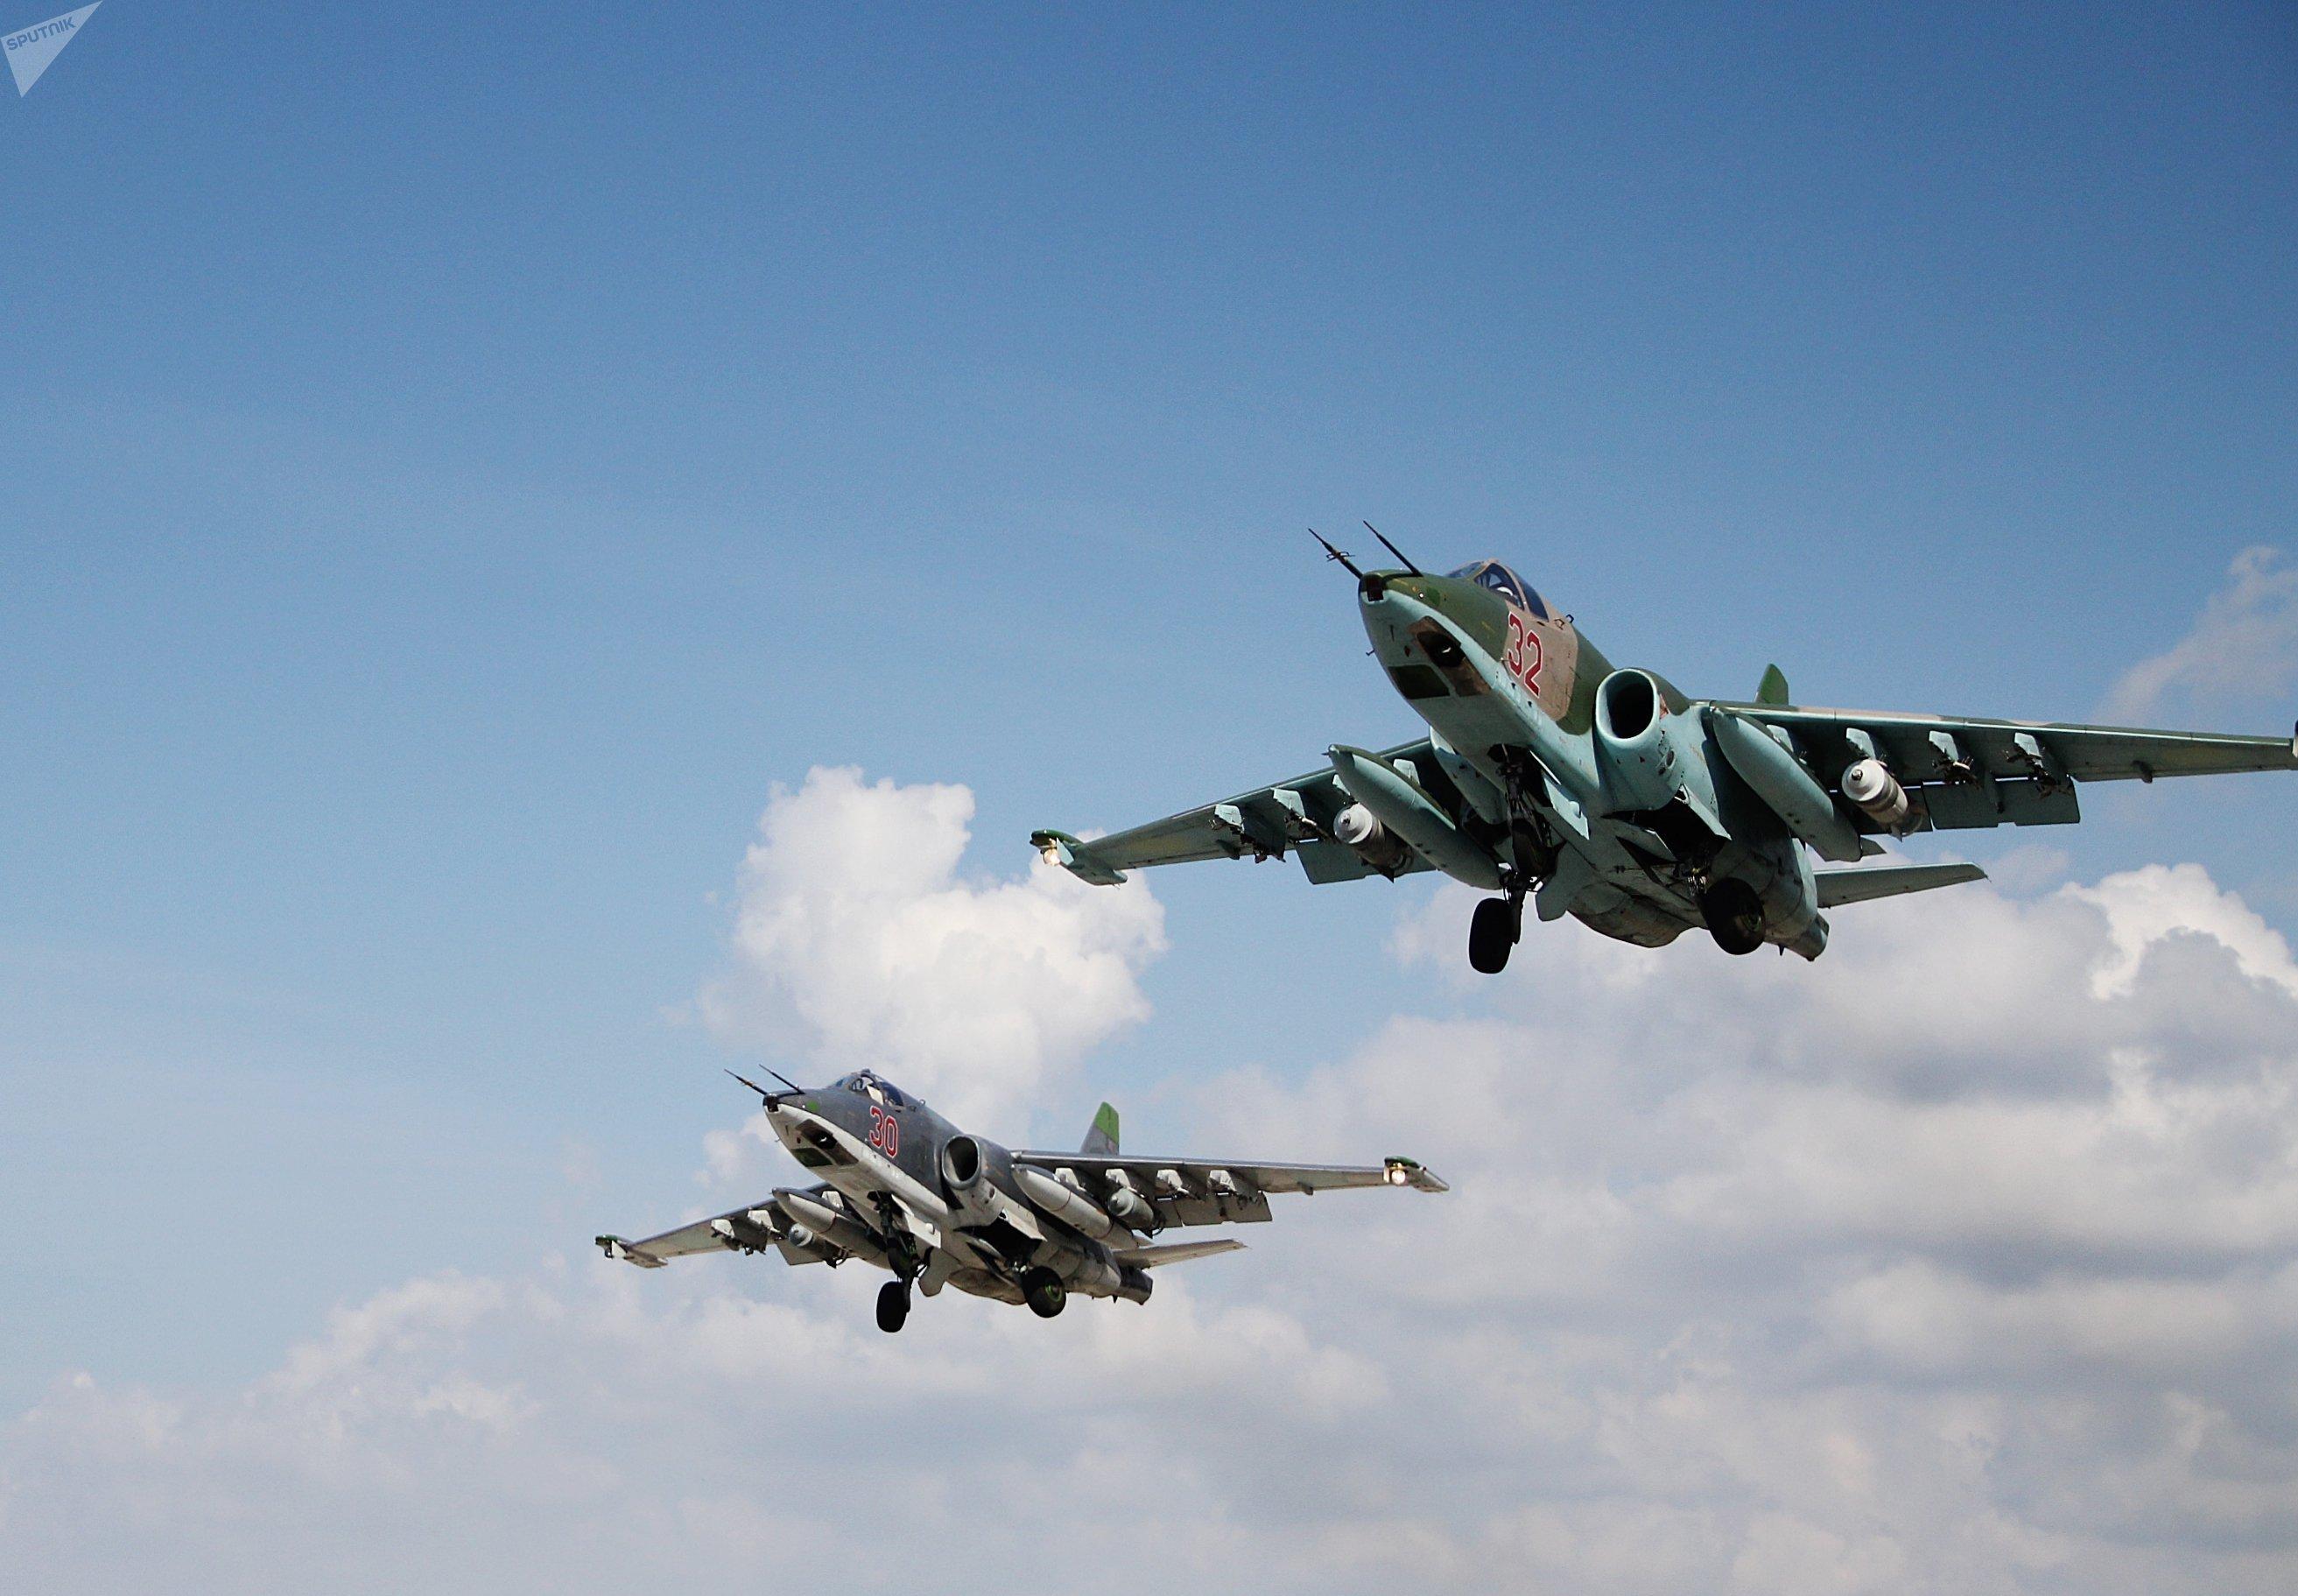 El Su-25, avión de ataque a tierra de servicio de la base aérea Hmeimim en Siria